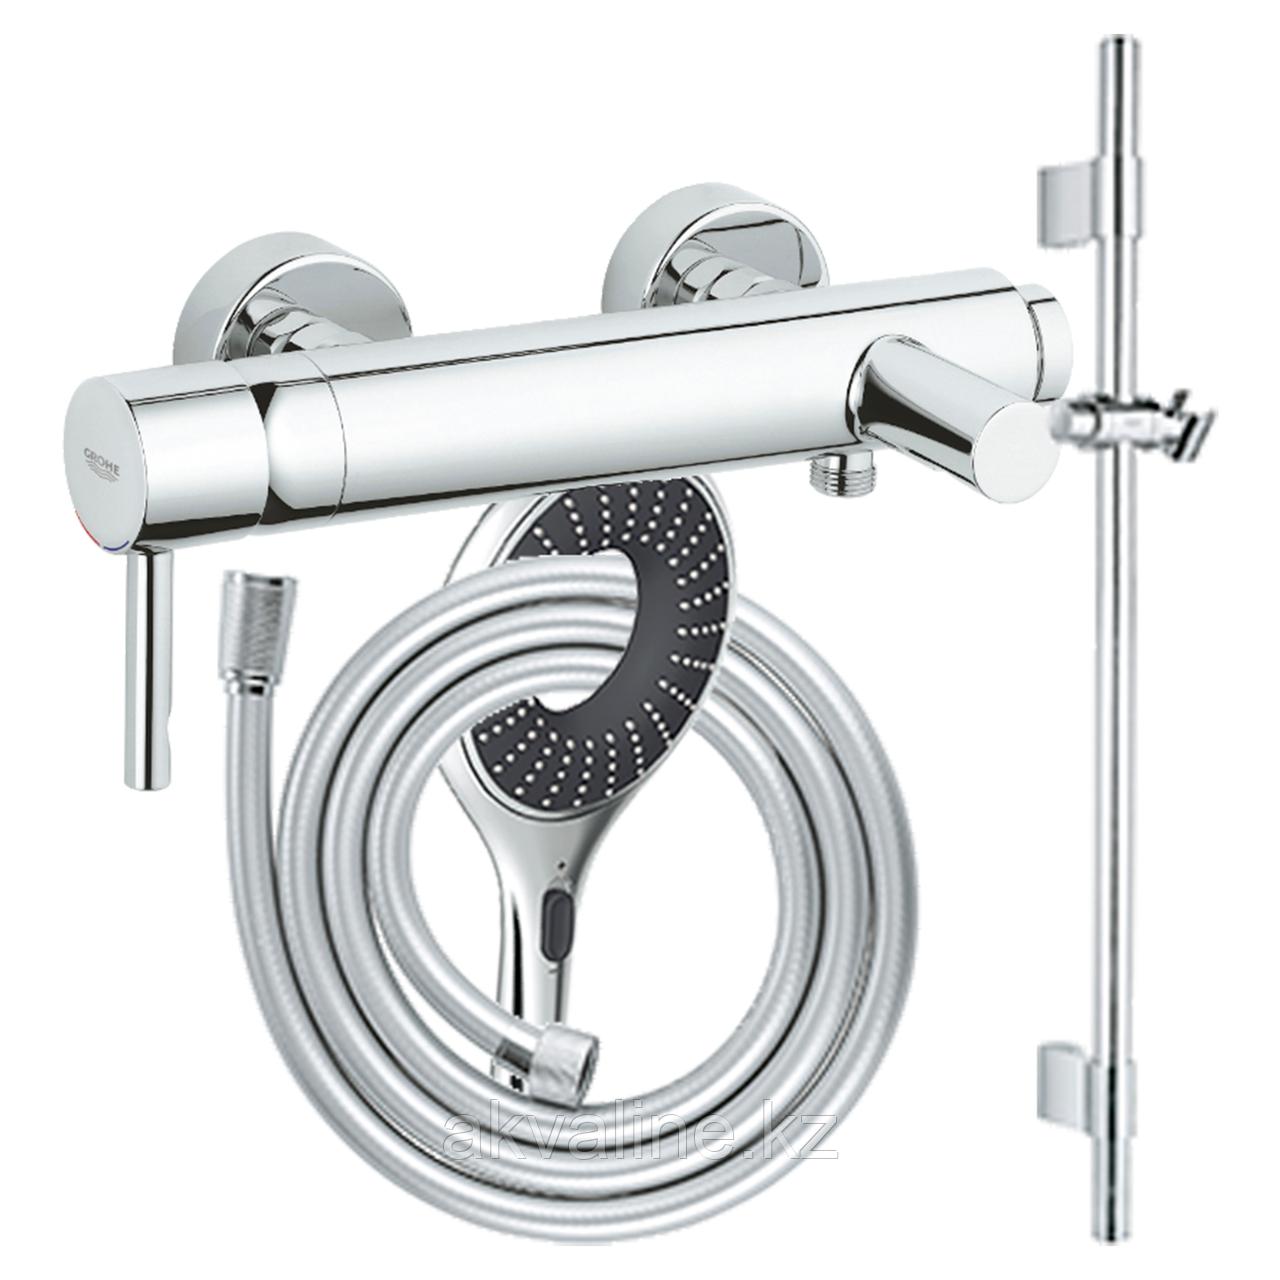 Комплект смеситель для ванны Essence , штанга 600мм, ручной душ, шланг